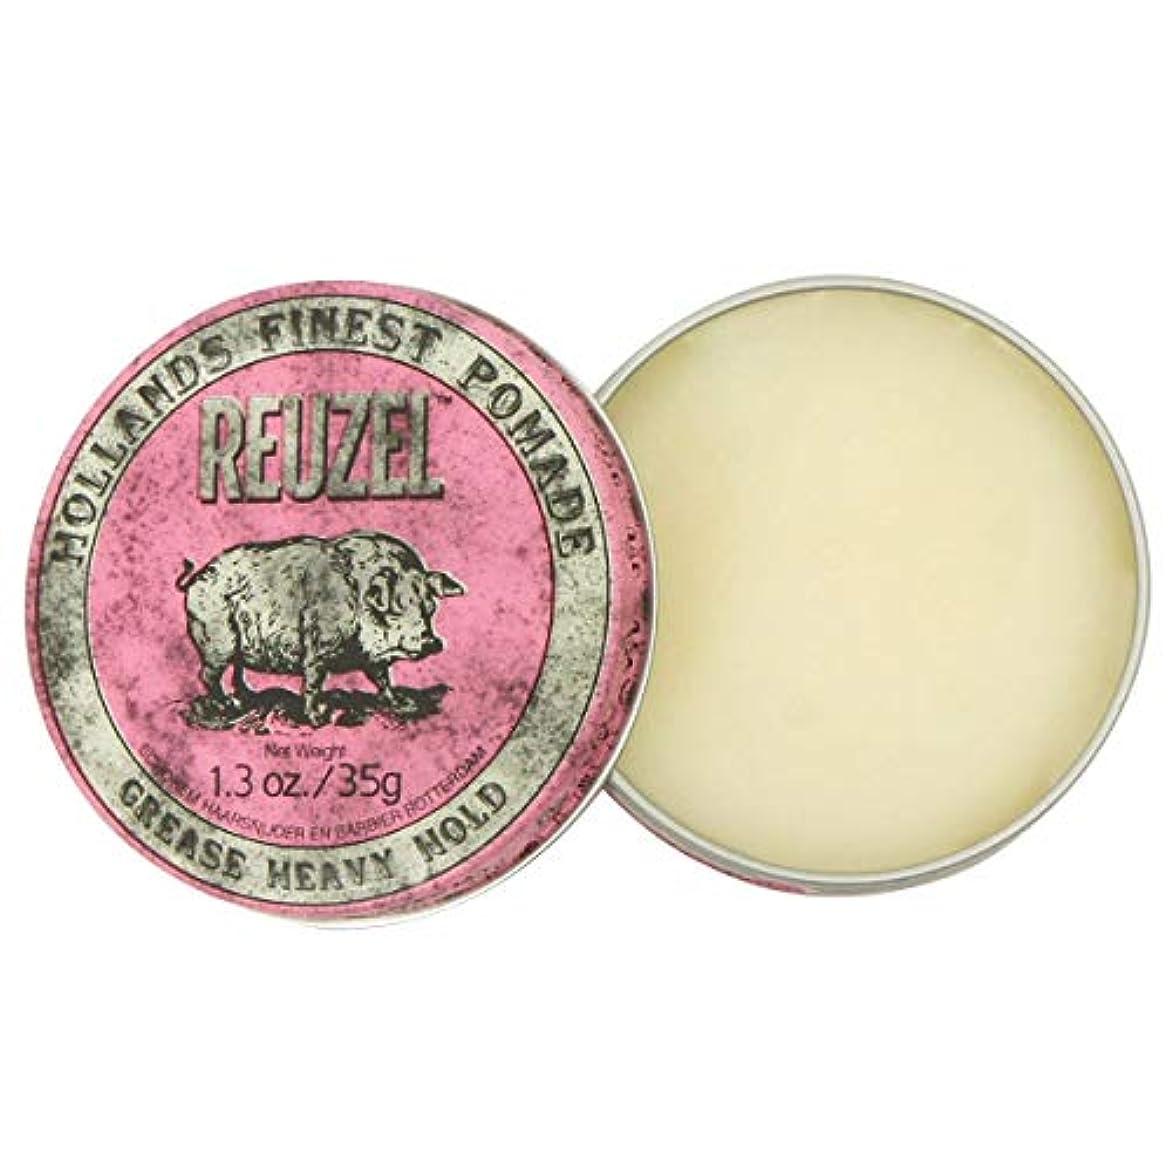 ボタン一般的にビールルーゾー ピンク ヘヴィーホールド ポマード Reuzel Pink Heavy Hold Grease pomade 35 g [並行輸入品]